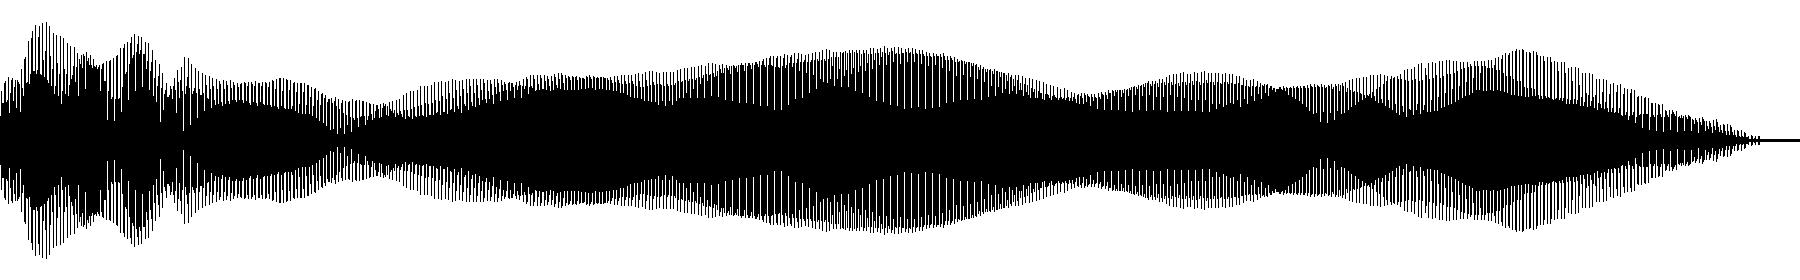 trmbnmidc4